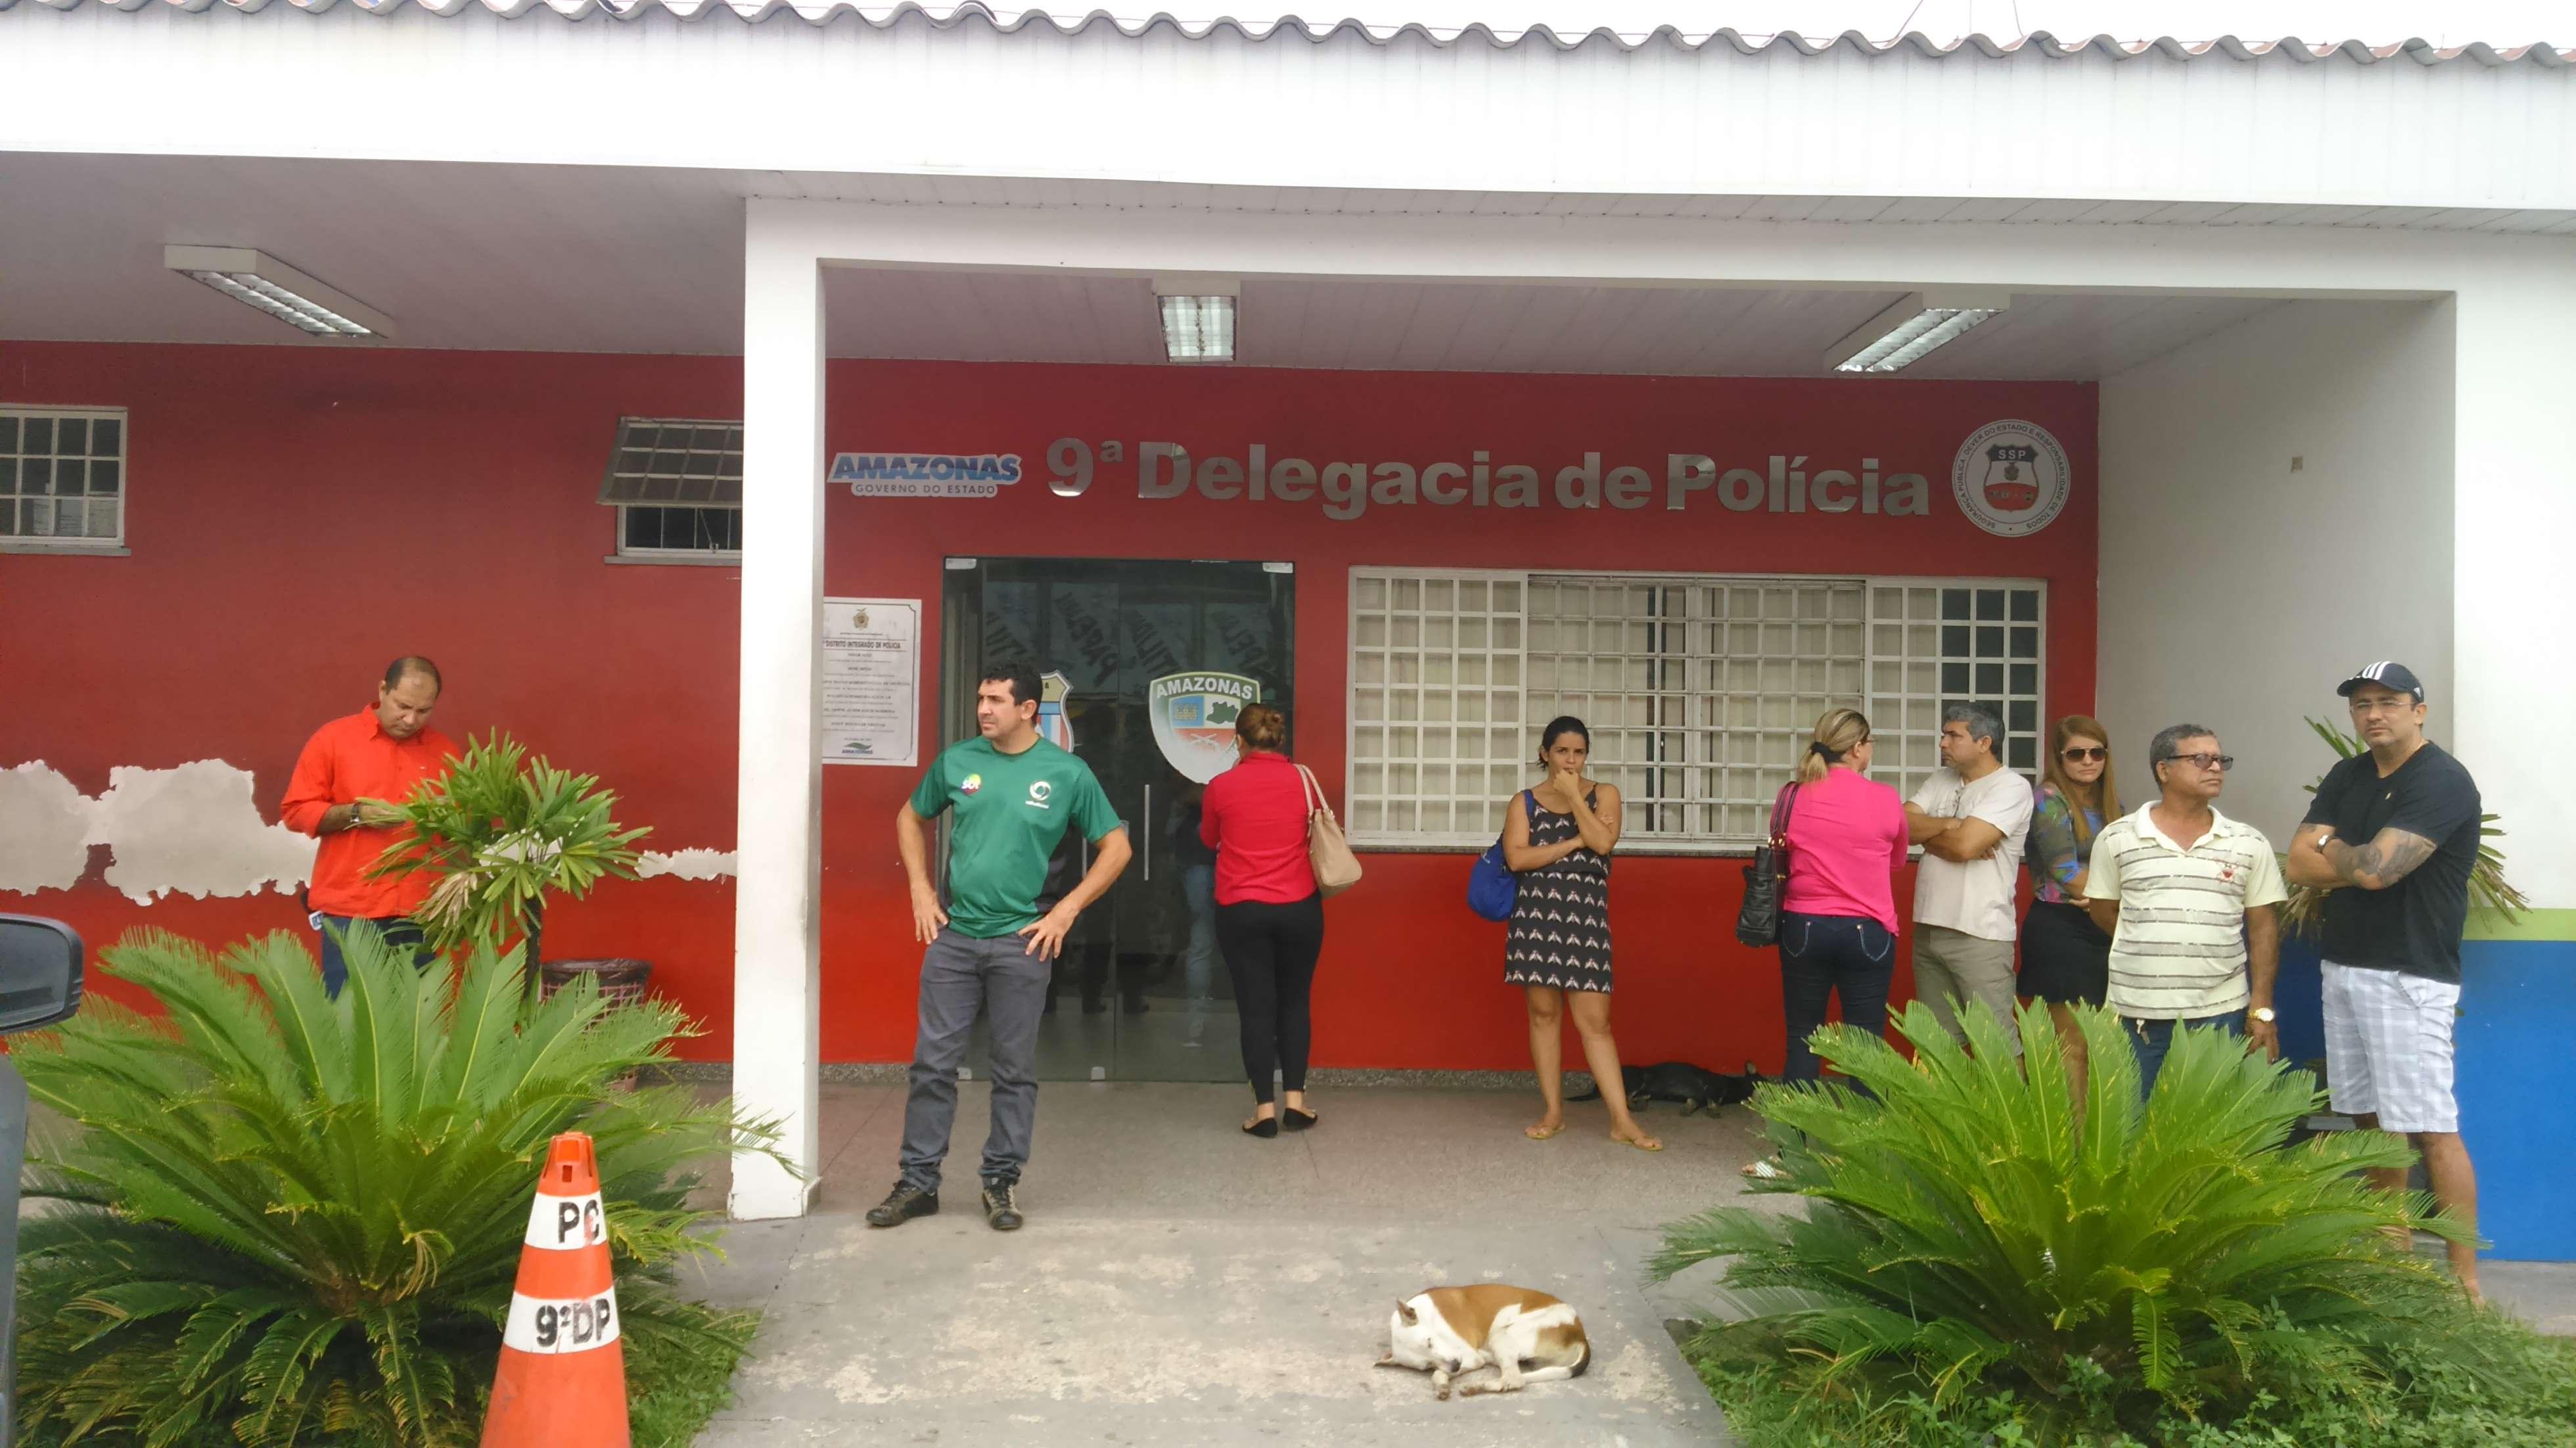 Os soldados foram encaminhados ao Batalhão de Guardas da PM, onde ficarão presos até serem julgados Foto: Márcio Azevedo/Especial para o Terra